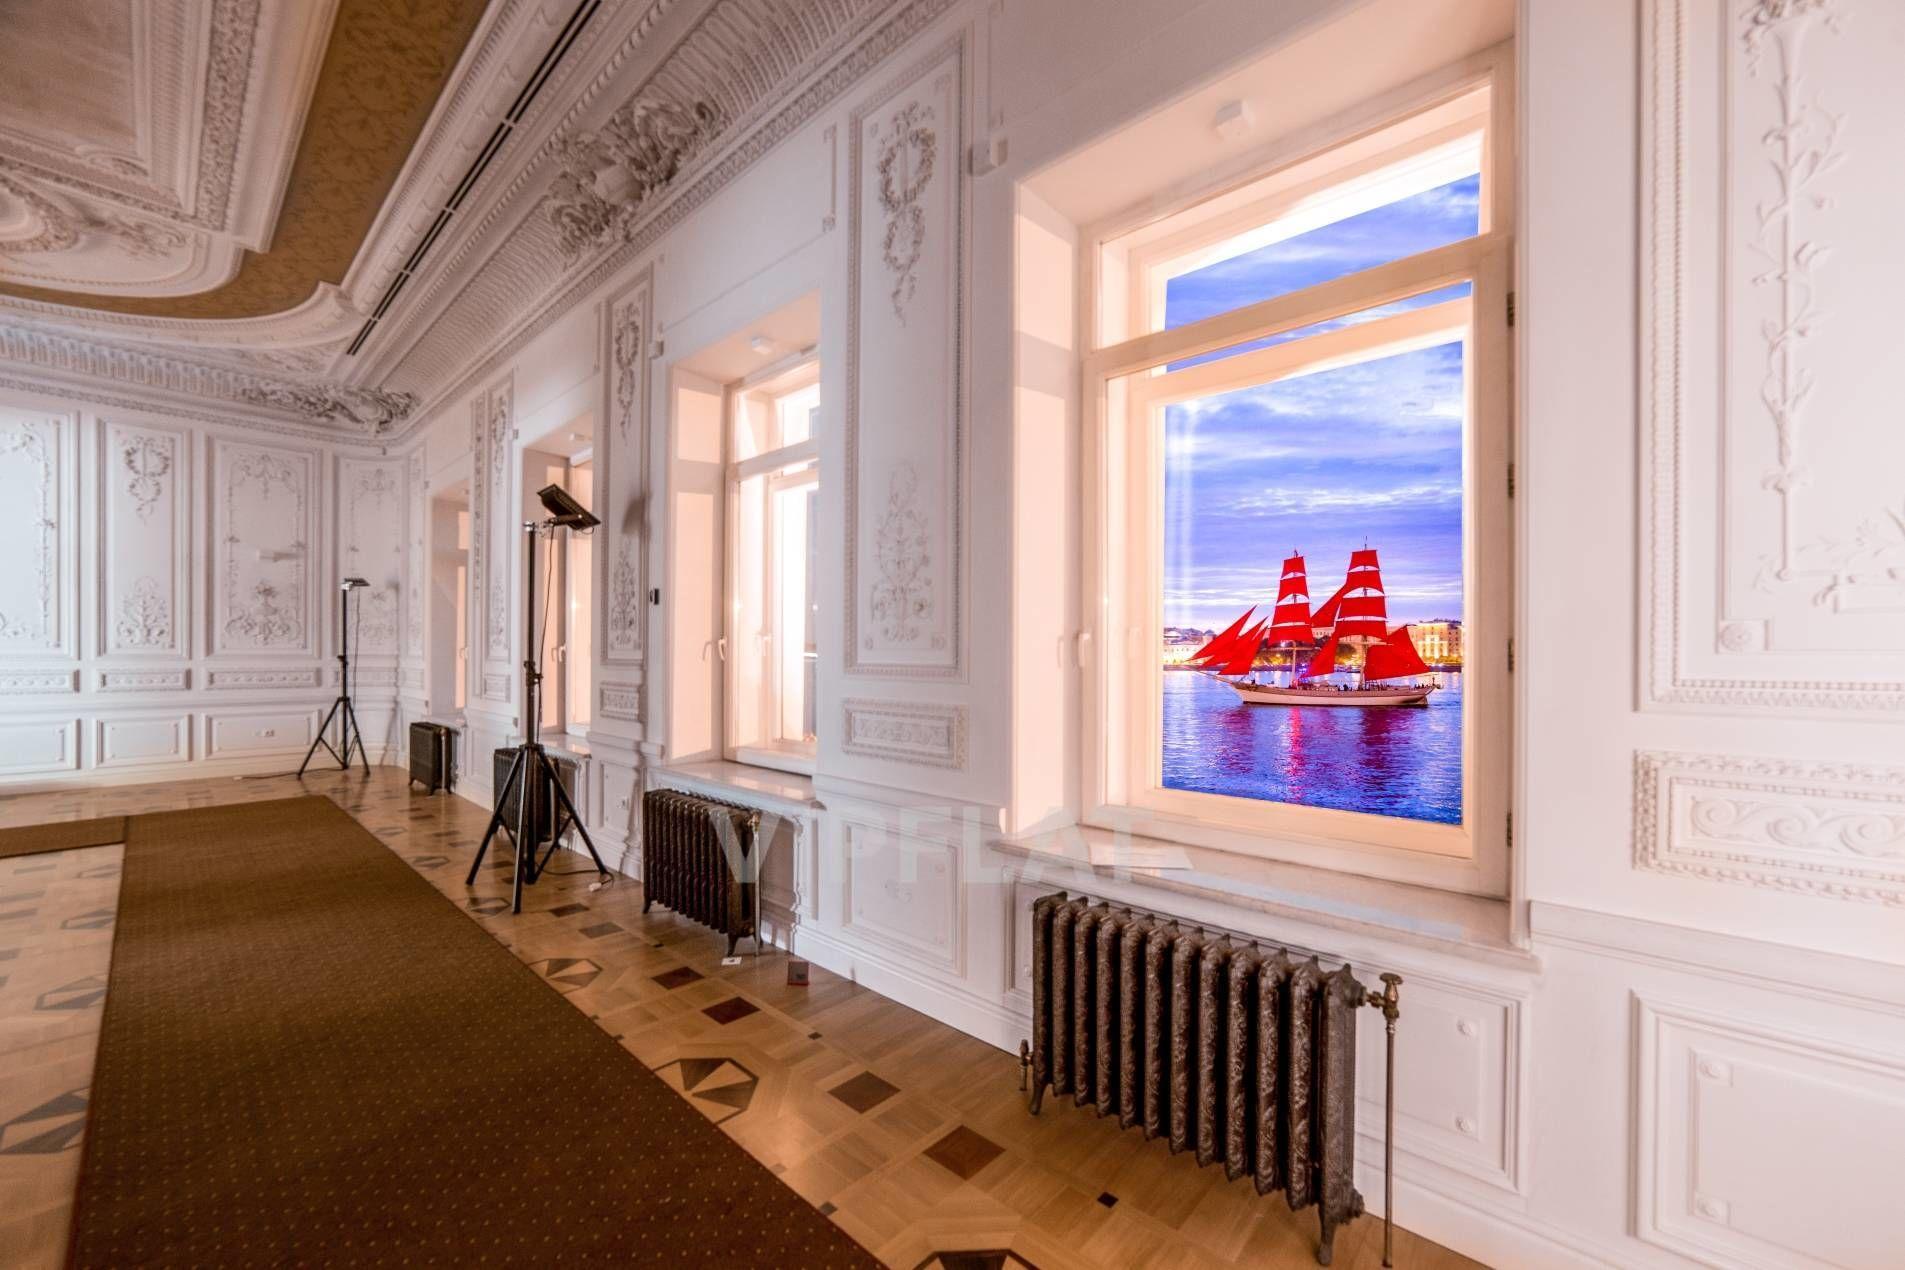 Продажа элитных квартир Санкт-Петербурга. Кутузова наб., 24 Квартиры с лучшим видом